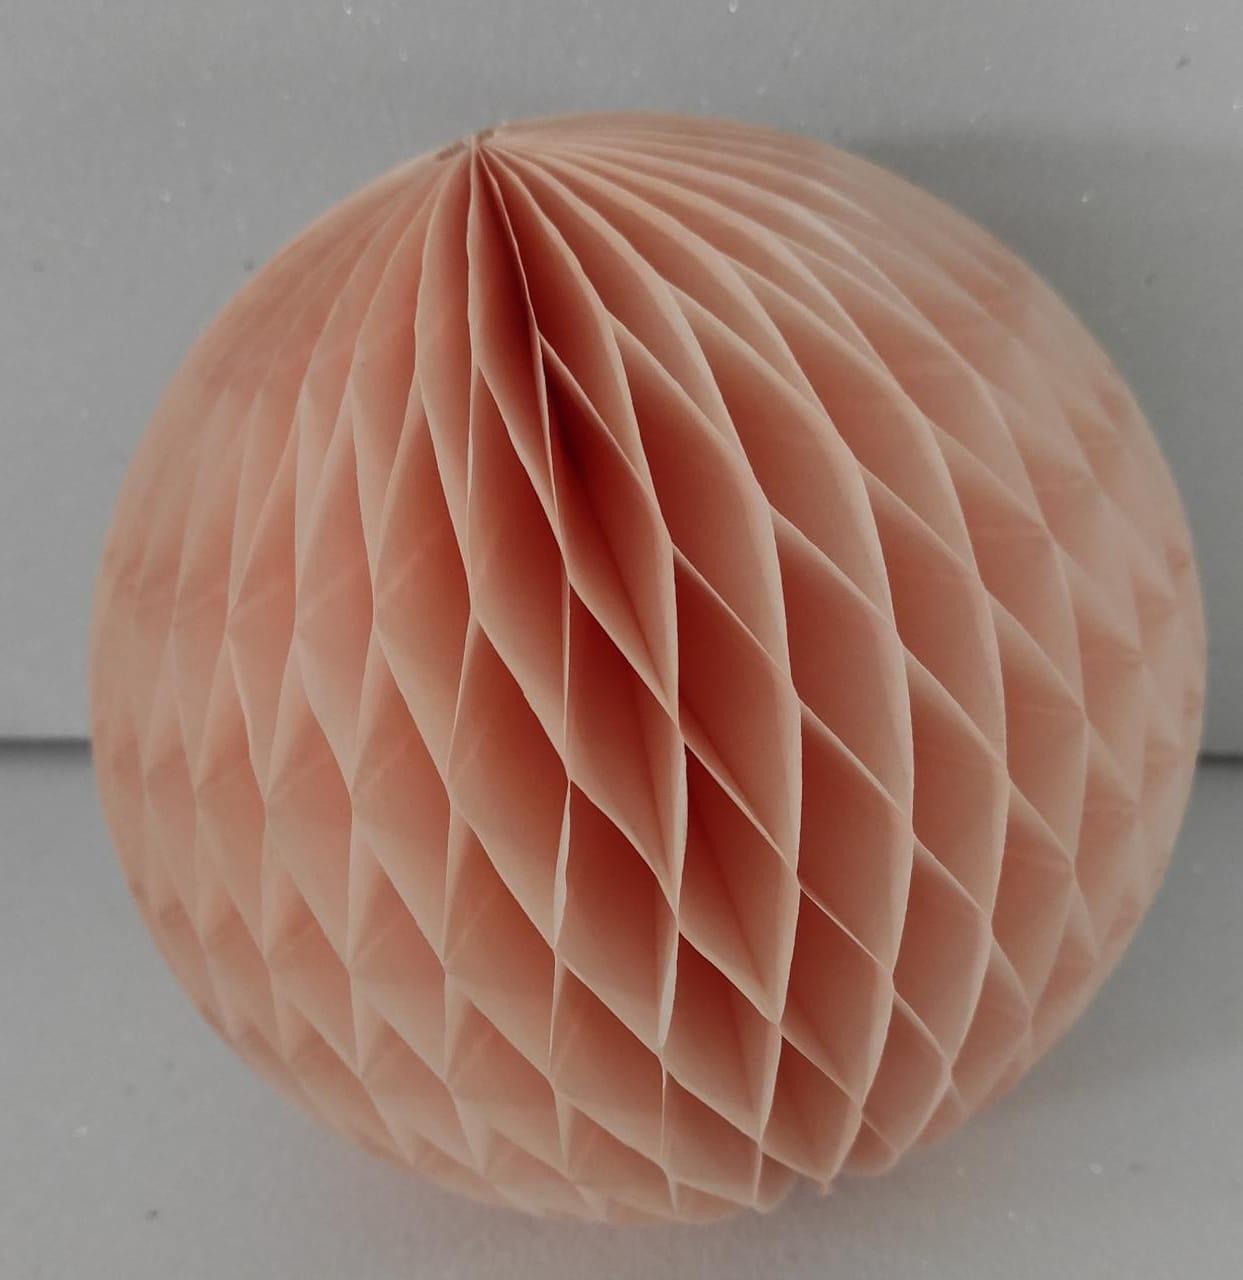 Balão GLOBO Bola de Papel de seda Cor Salmão GiroToy Enfeites